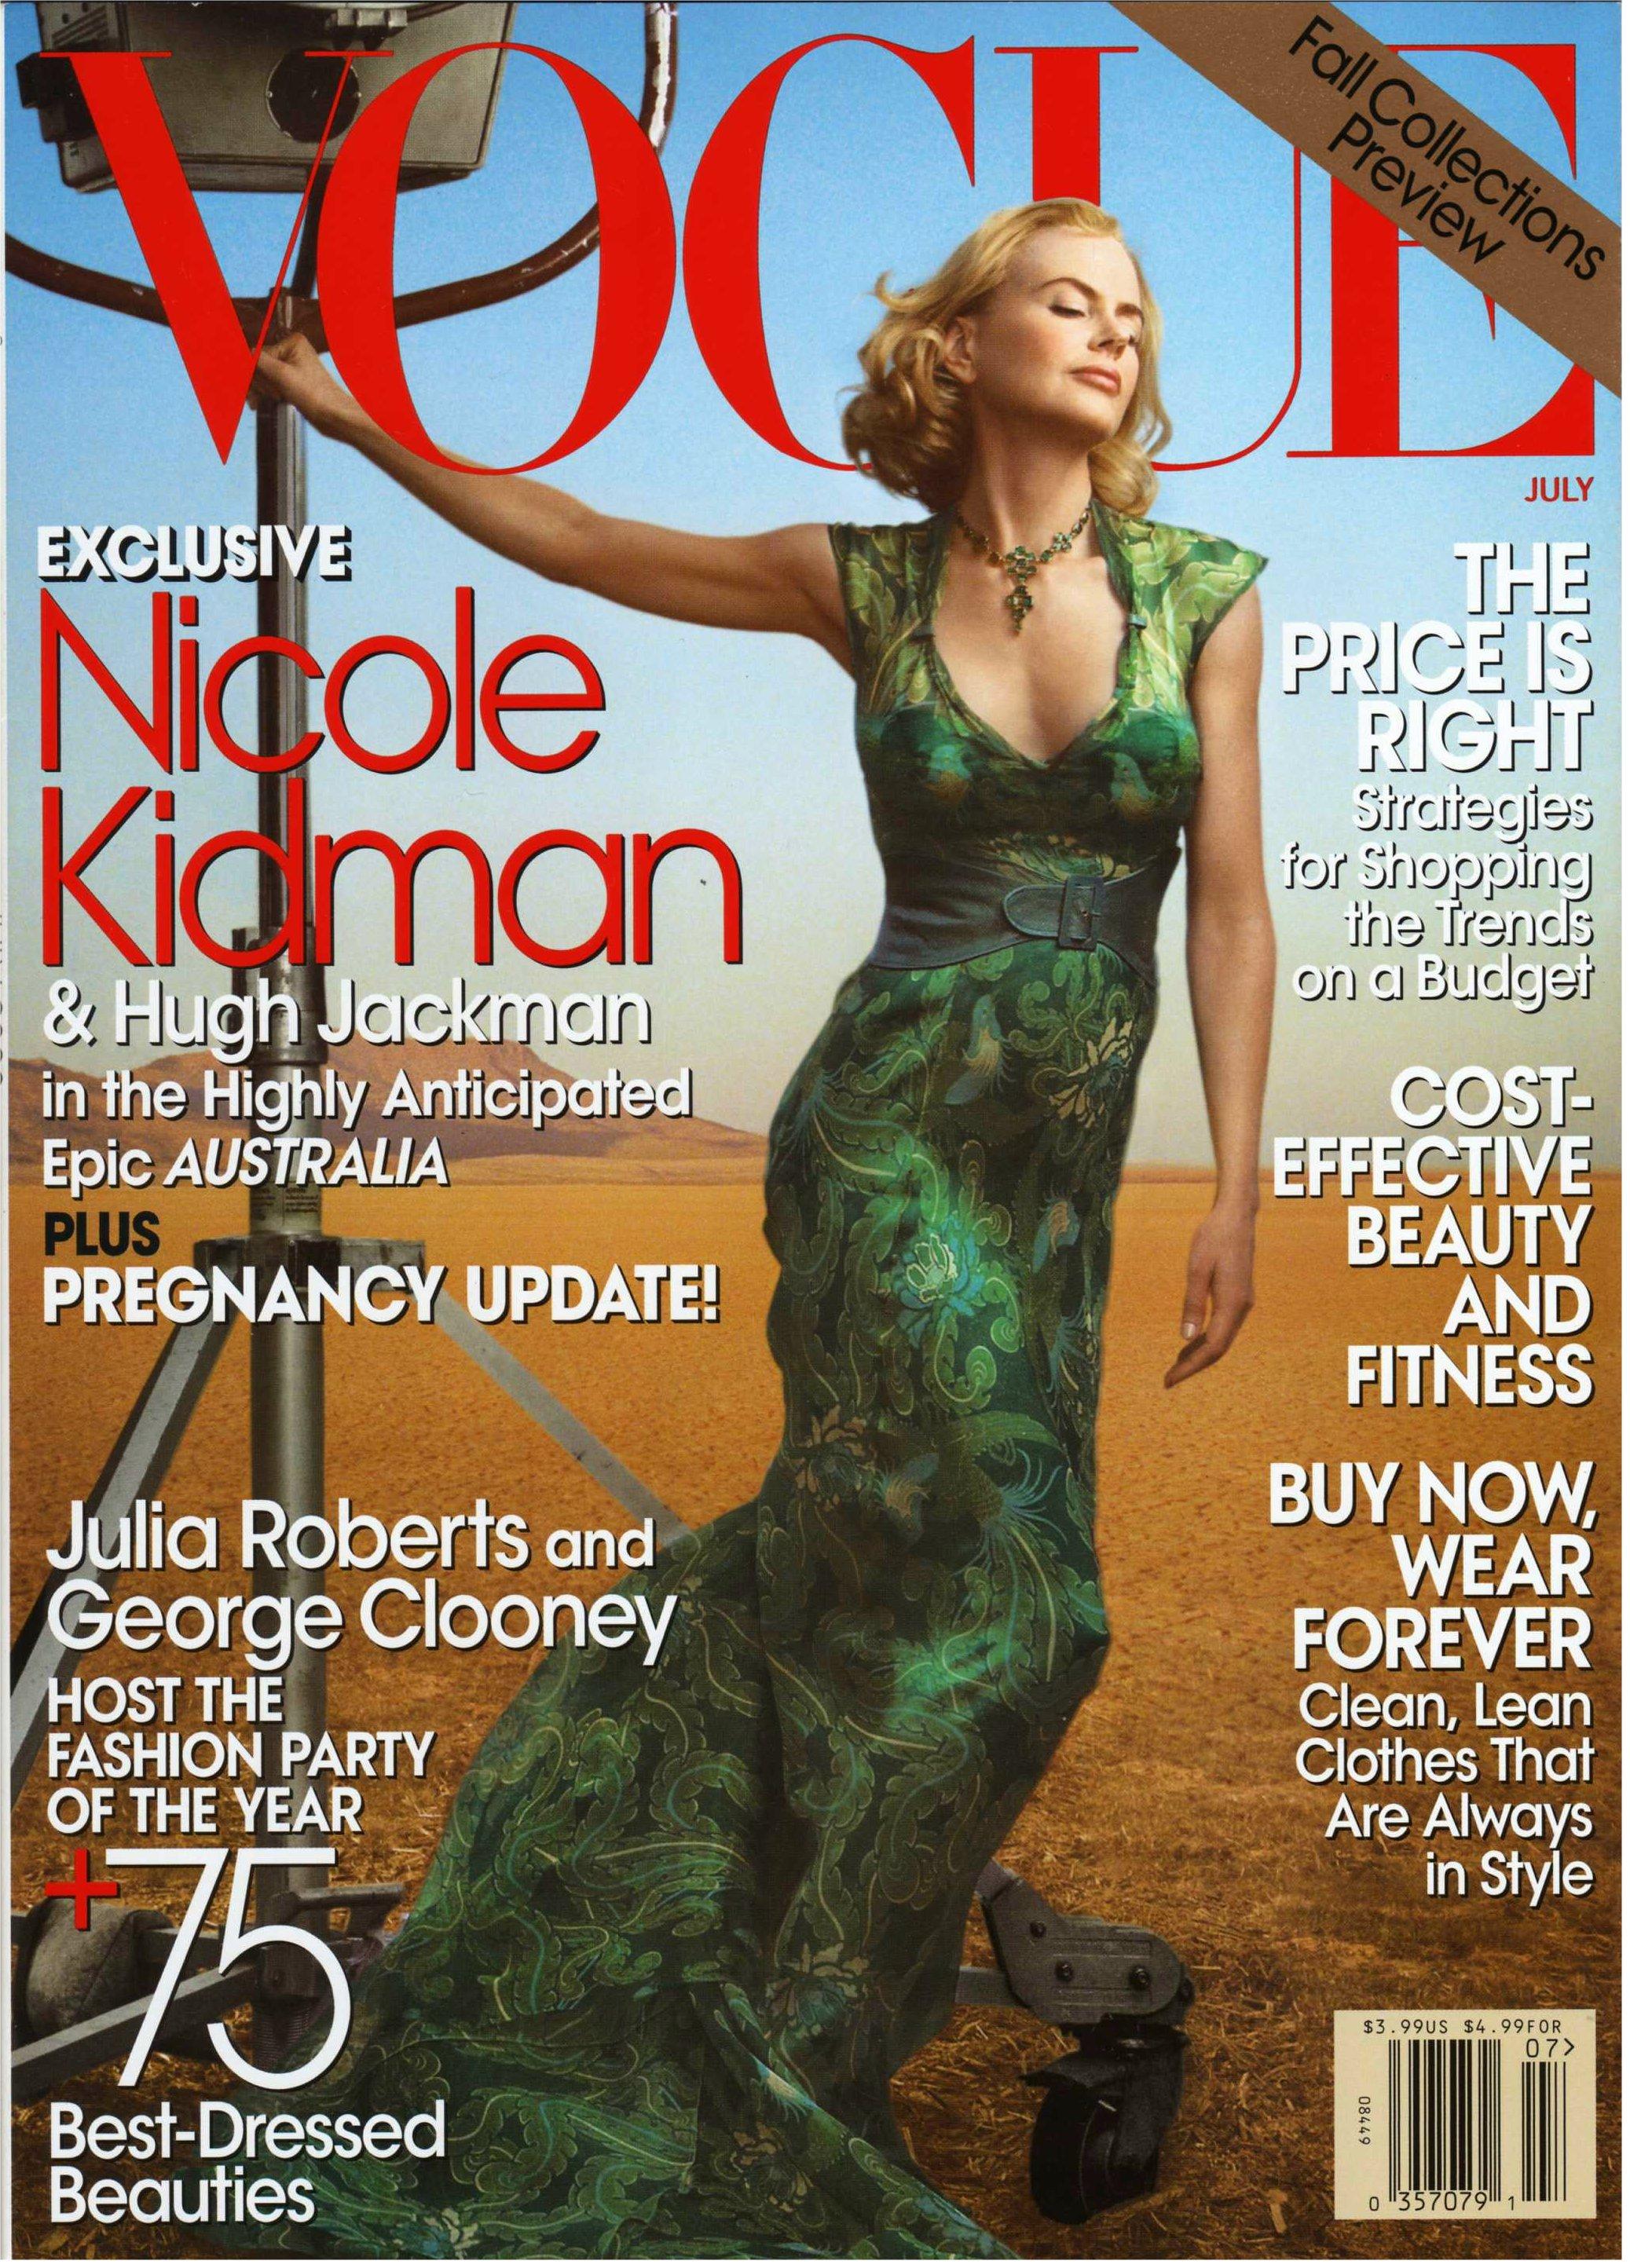 【バックグランド解説】今チェックすべきファッション雑誌はこれだ!のサムネイル画像